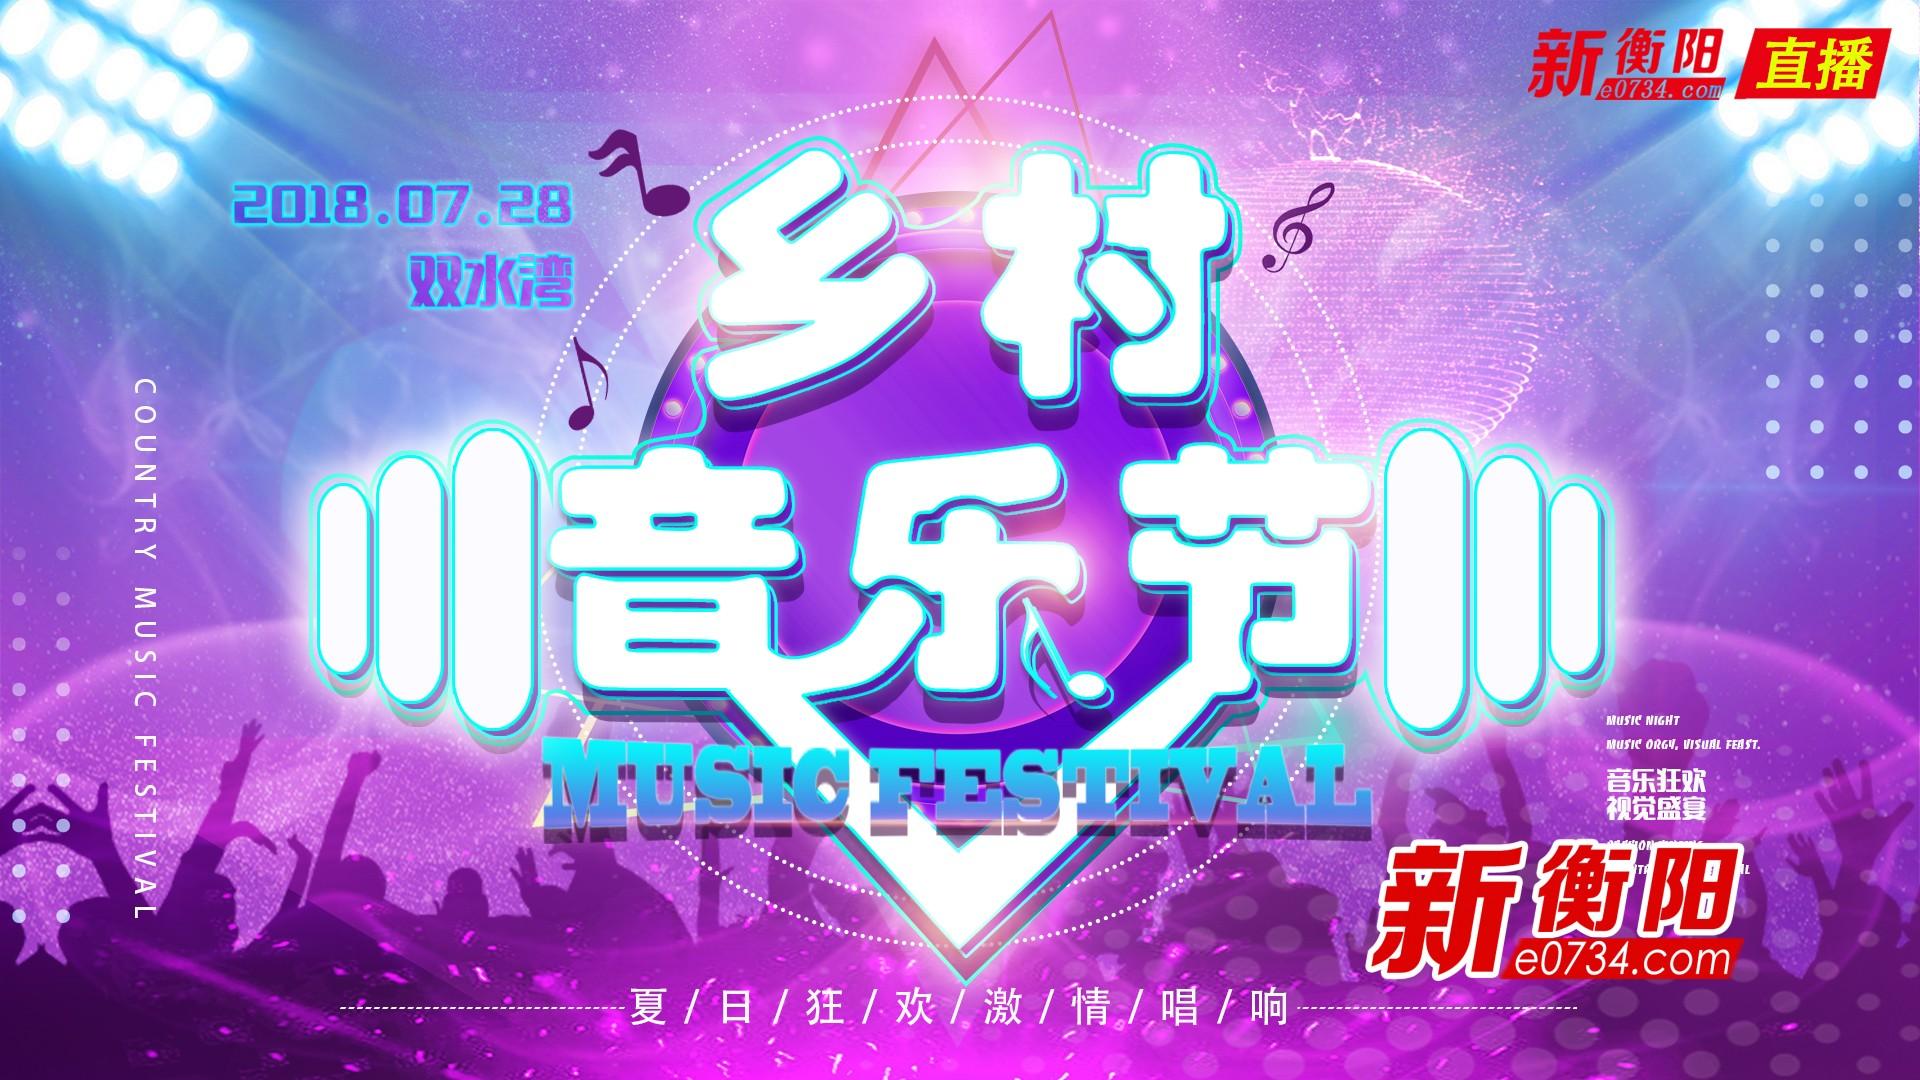 【直播】一点资讯·衡阳首届乡村音乐节邀您一起嗨!